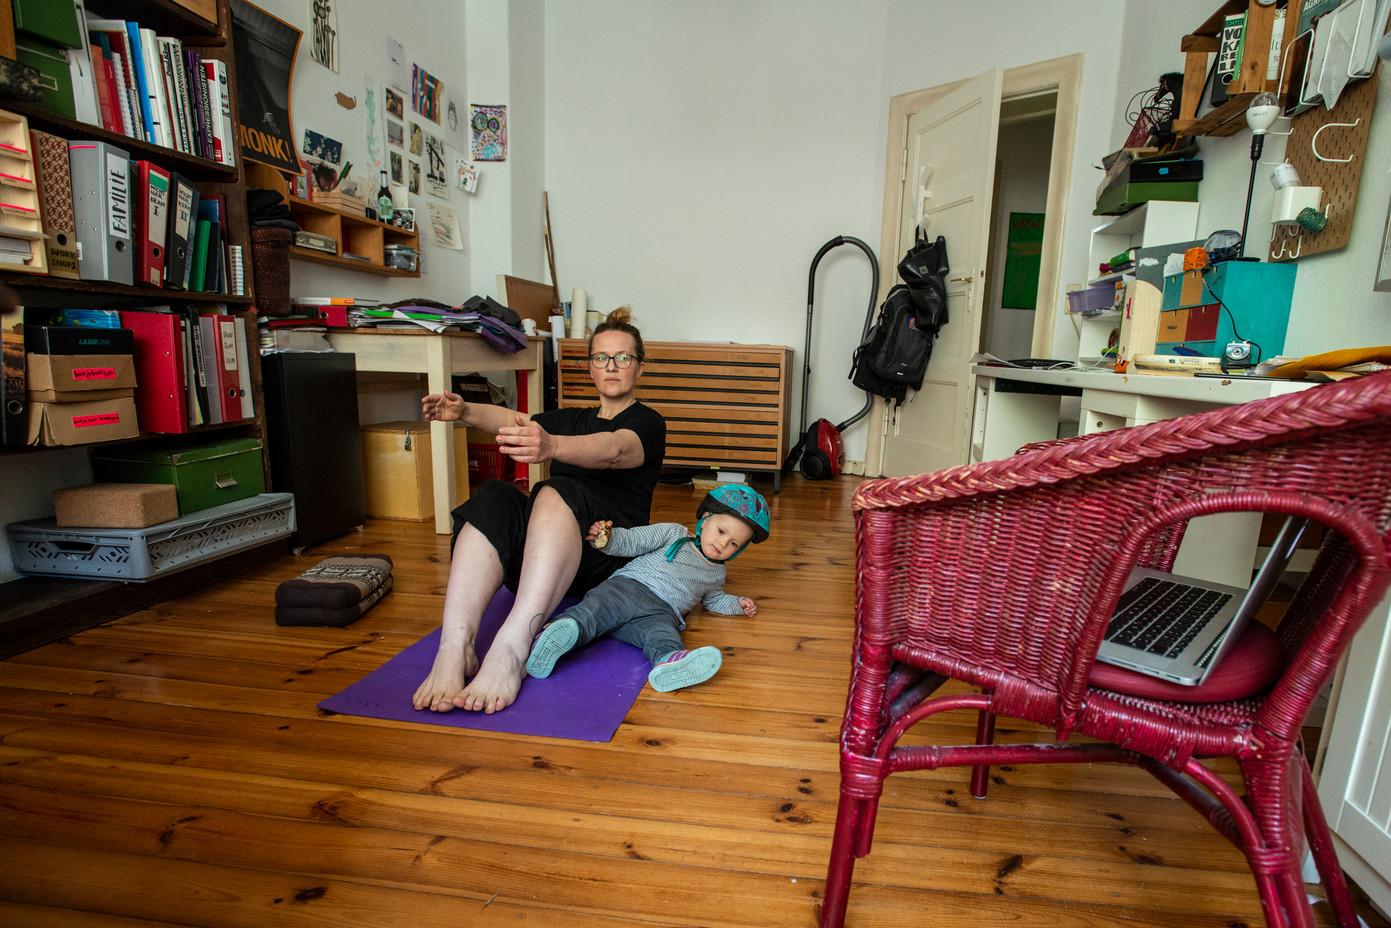 Katalin und Juki beim Pilates, Lichtenberg  © Marcus Lieberenz/bildbuehne.de